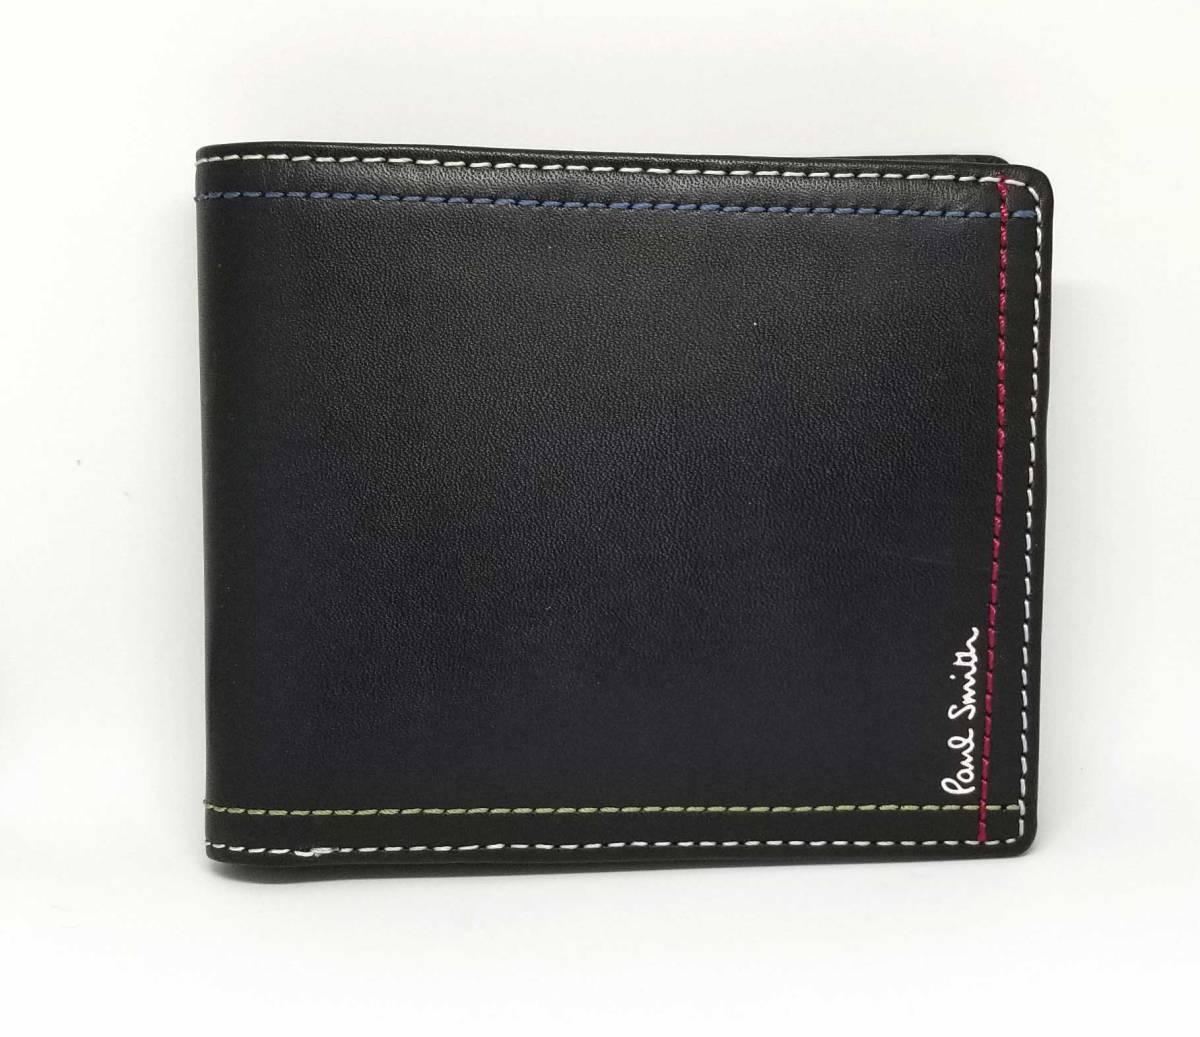 ポールスミス 財布 二つ折り メンズ ブラック 黒 ステッチ マルチカラー コインケースあり レザー Paul Smith 美品 【中古】